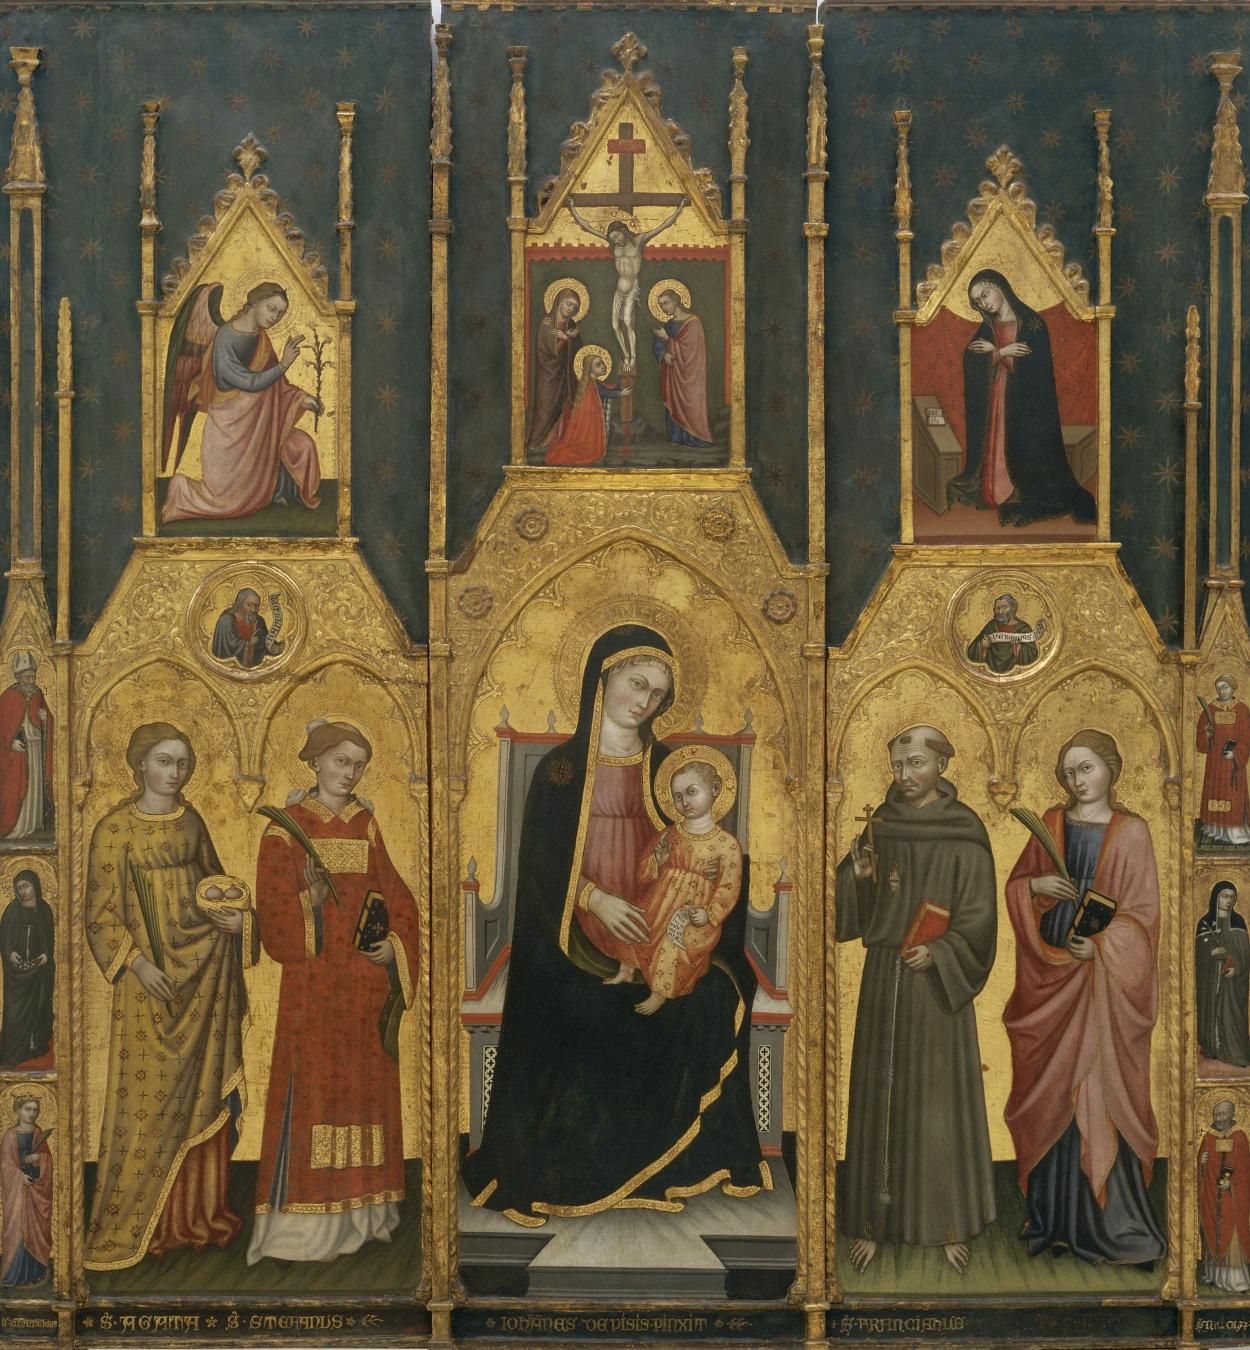 Giovanni di Pietro da Pisa - Retaule de la Mare de Déu amb els sants Àgata, Esteve, Francesc i una santa màrtir - Primer quart del segle XV